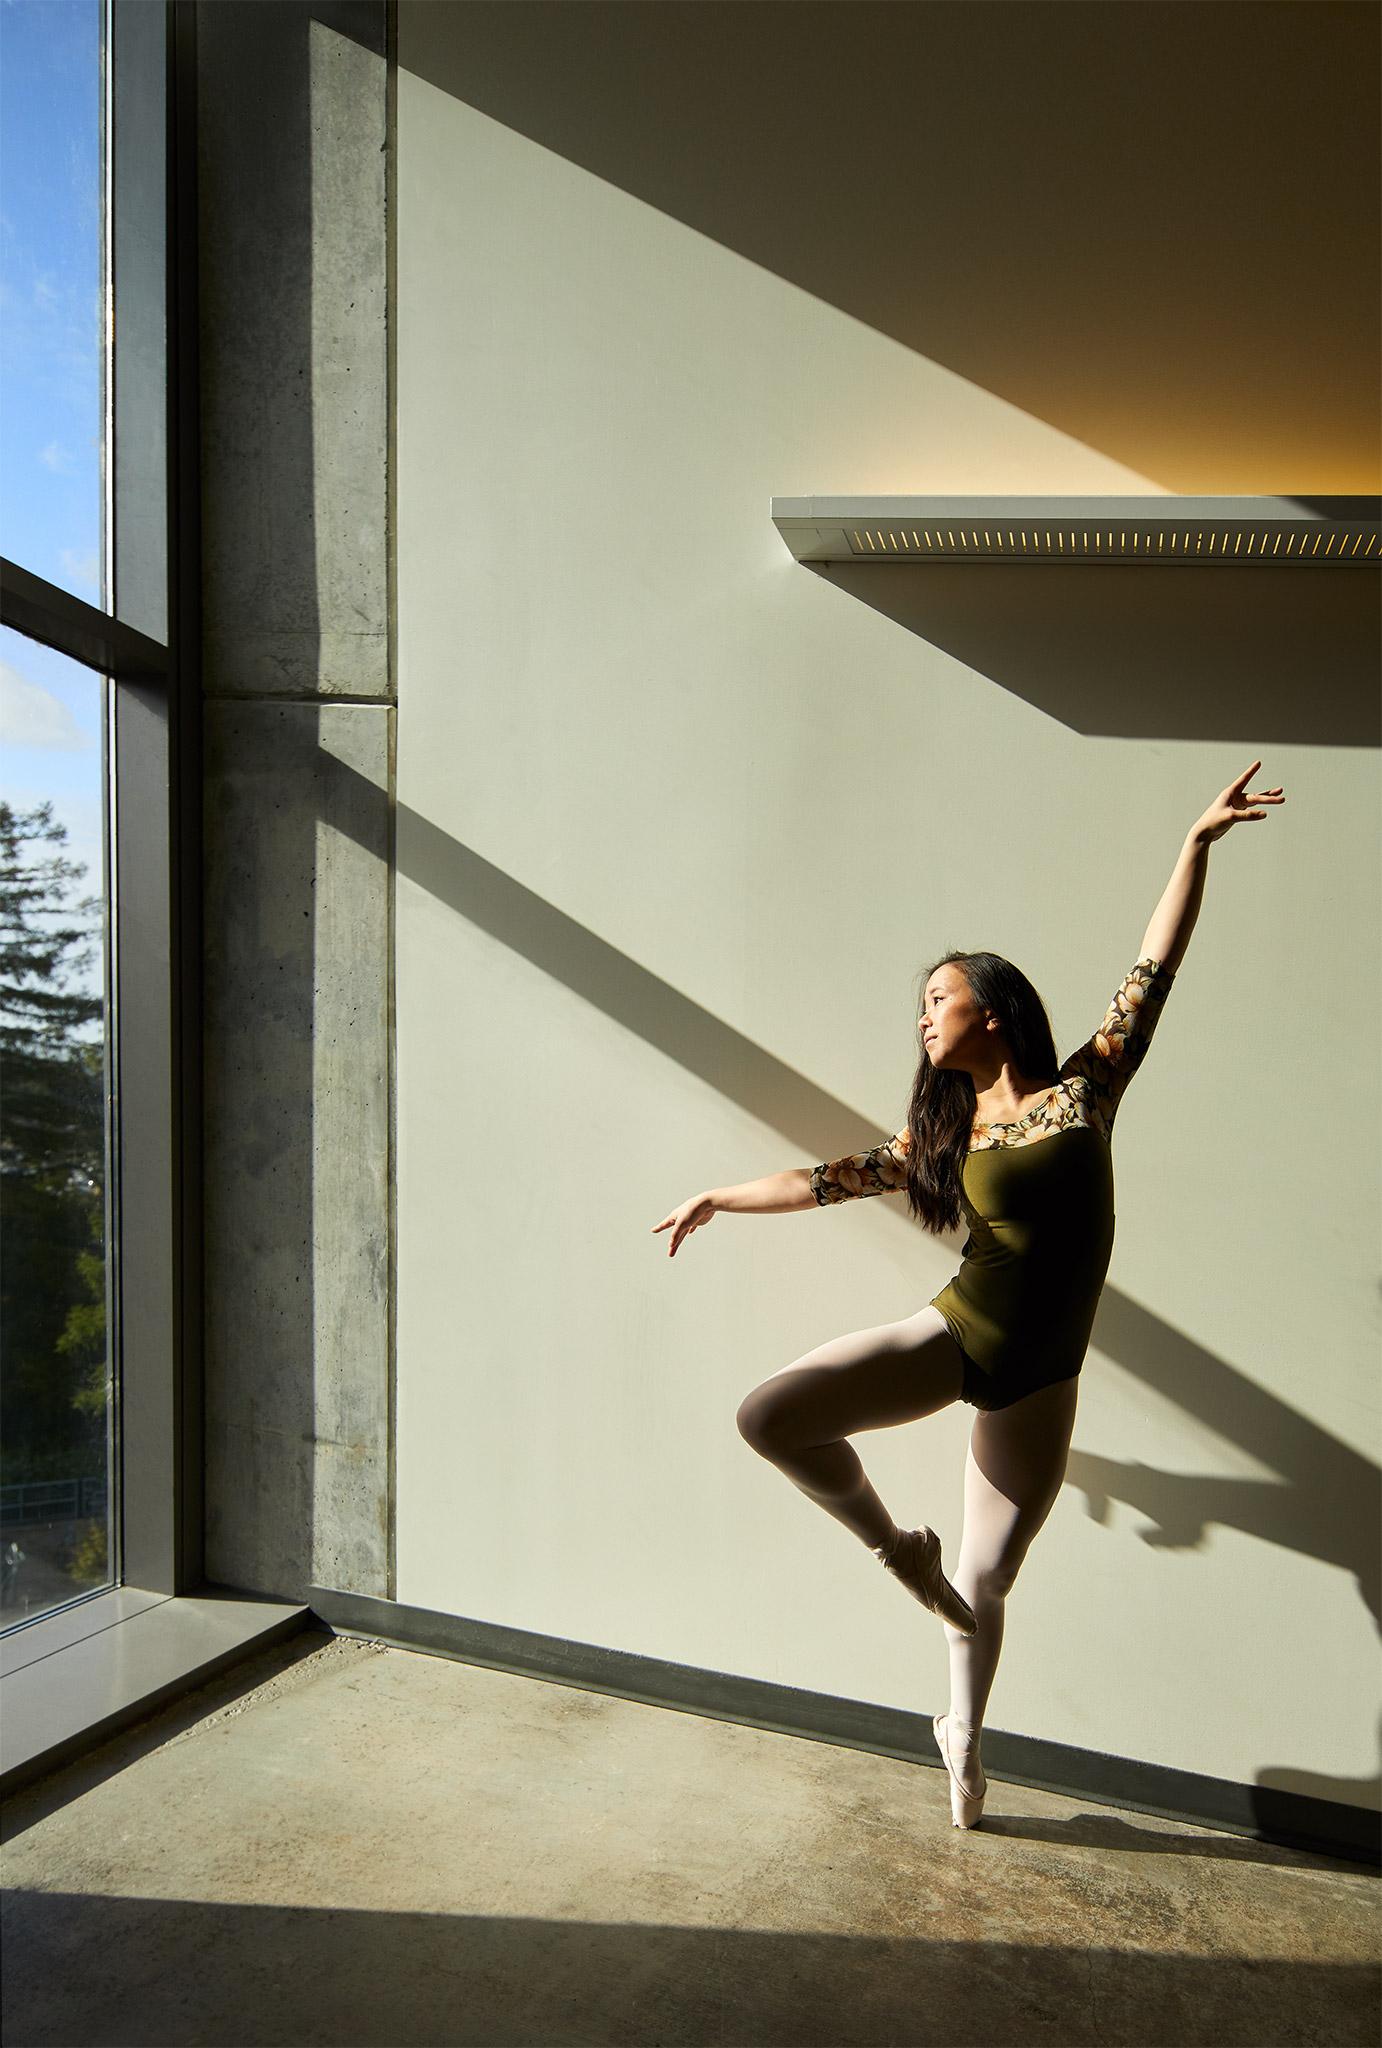 _15A9794_1_dancer-dancing-hallway-bss.jpg